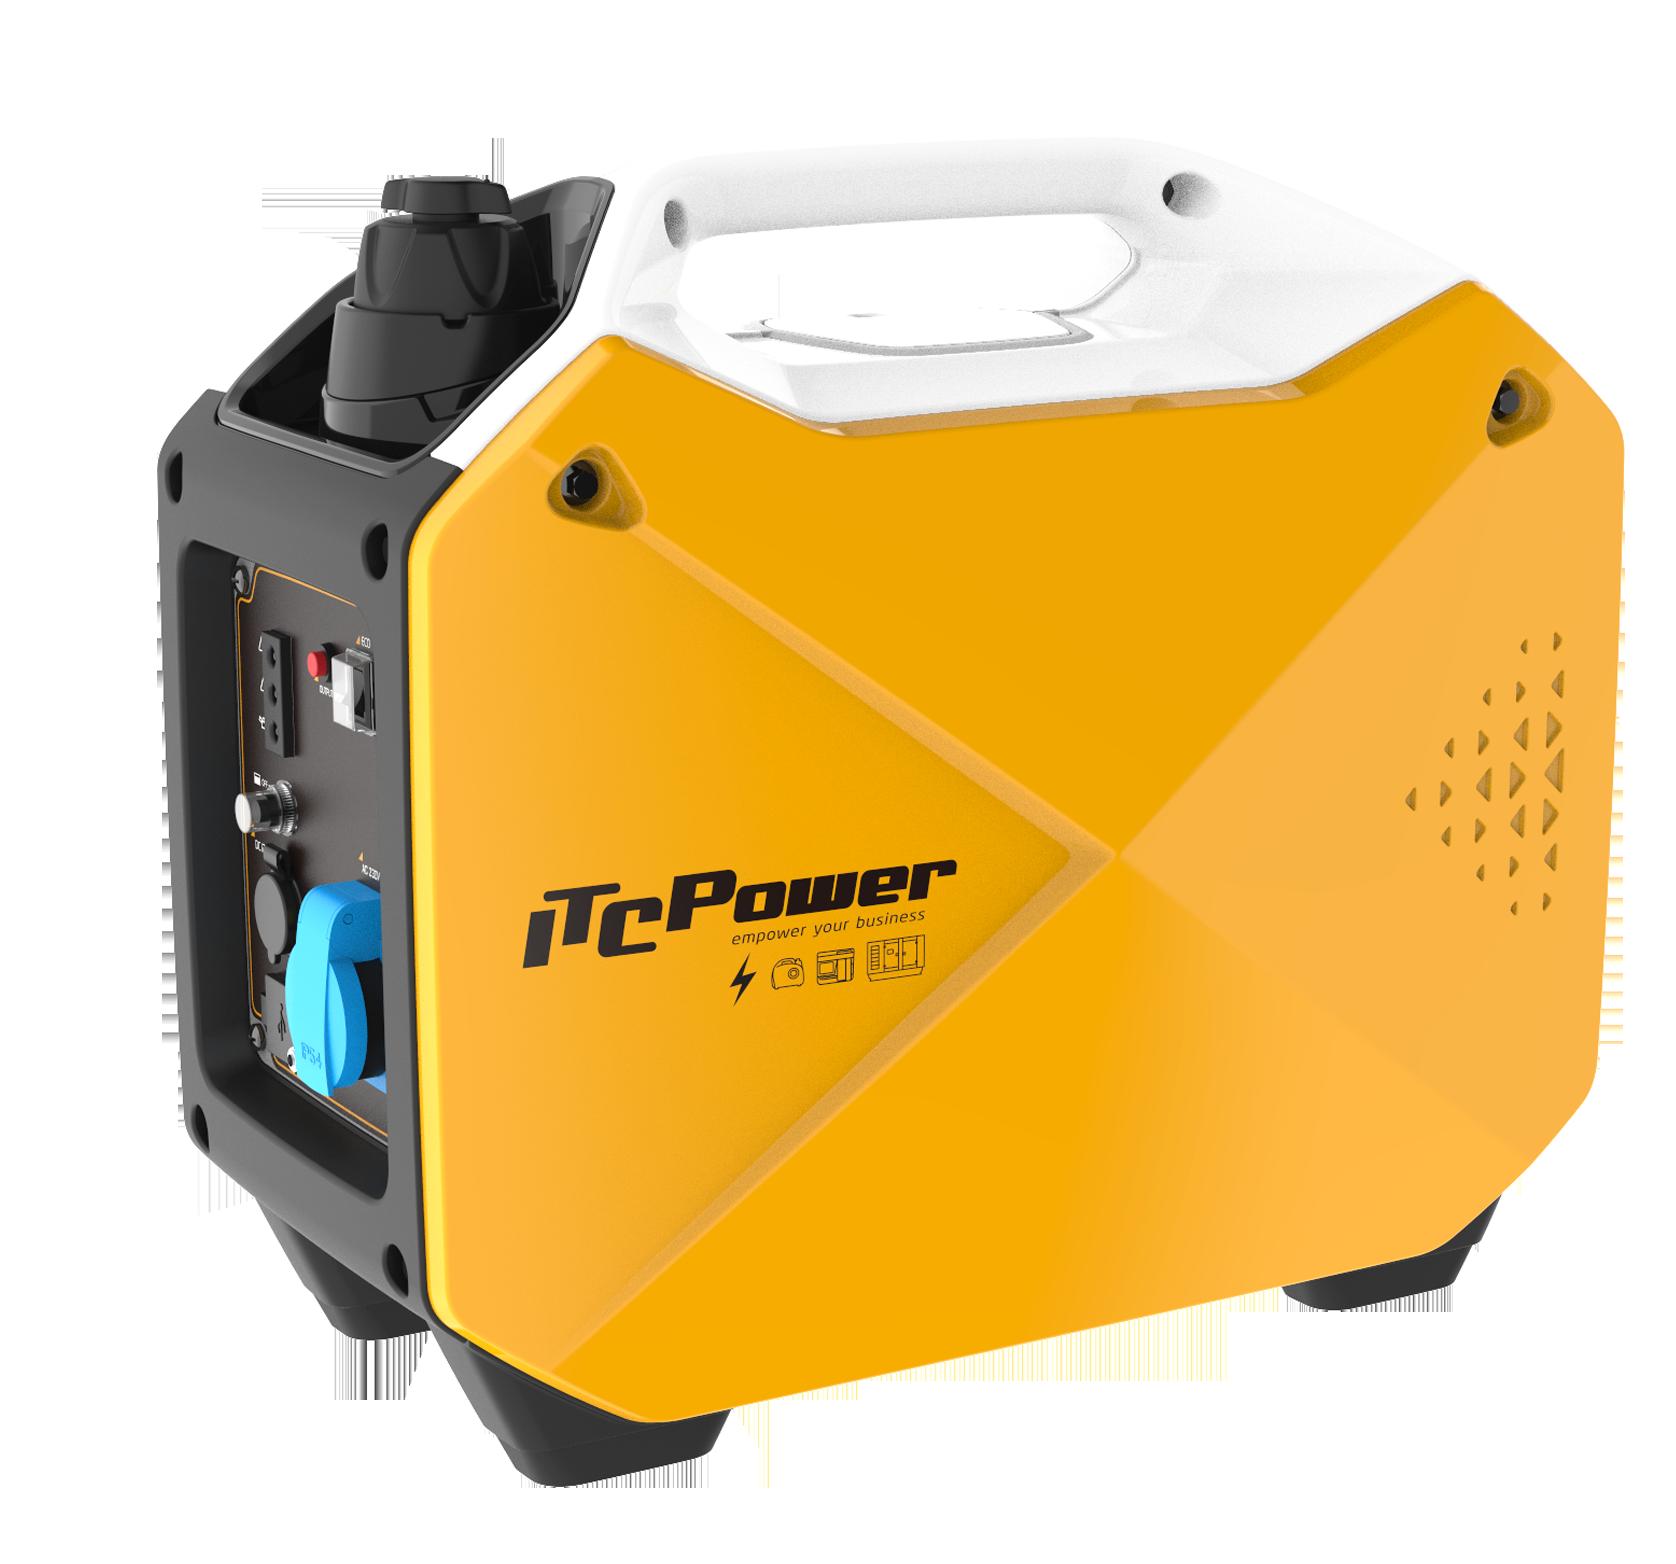 ITC POWER Inverter 1800 Watt Benzin GG18i Stromaggregat auch Werkzeuge